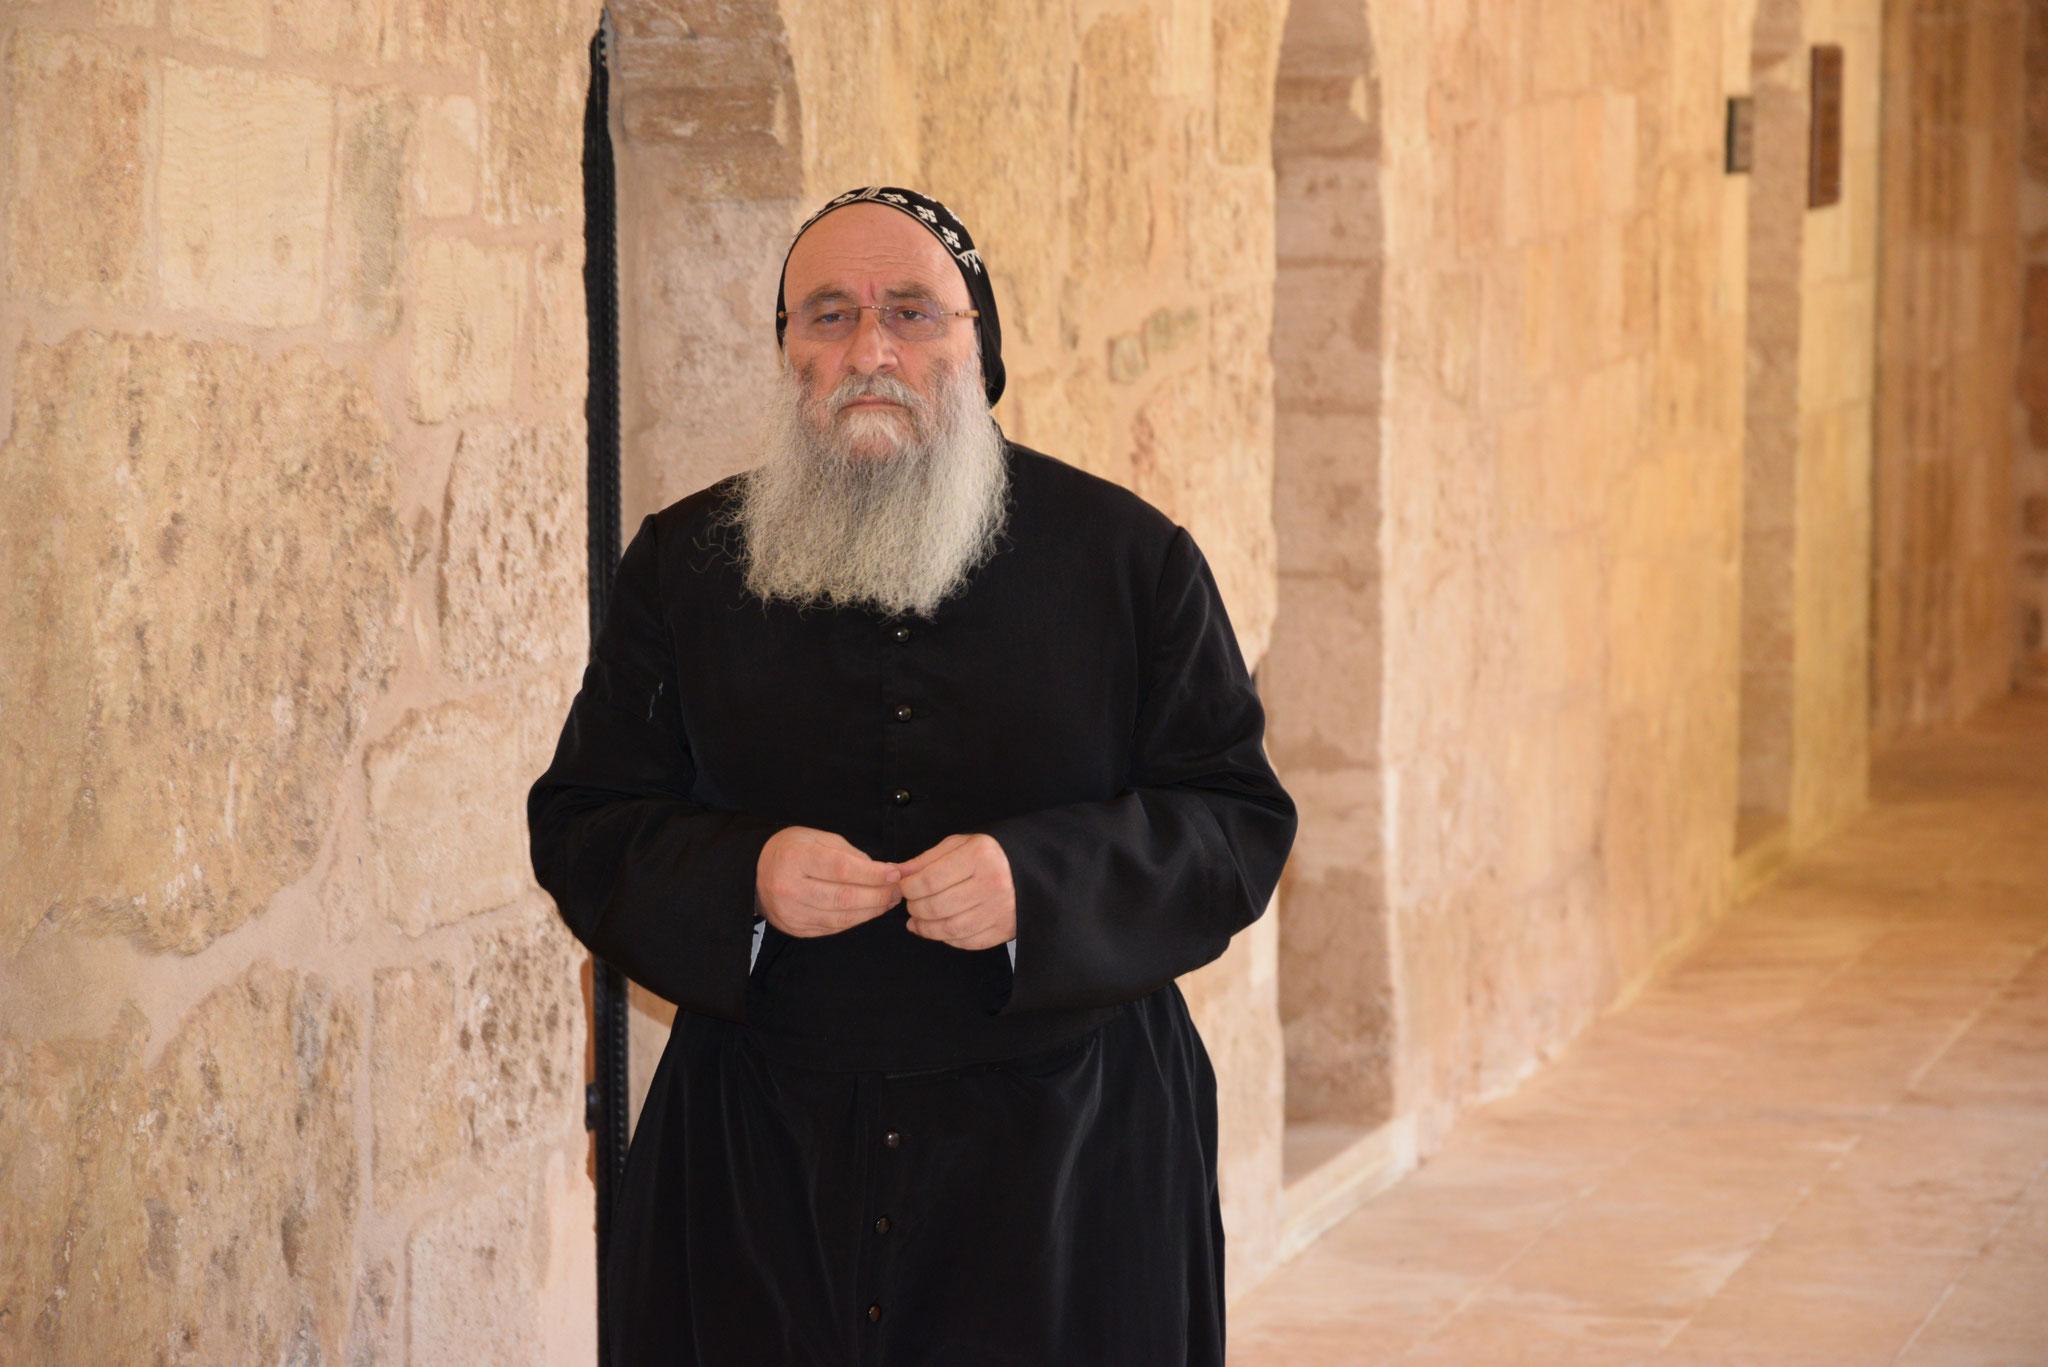 Früher gab es zigtausende Mönche im Tur Abdin, heute nur mehr einige wenige. (Hier ein Mönch im Kloster Deyrulzafaran). Die Mönche (und Nonnen) sind aber immer noch eine prägende Kraft der Kirche vor Ort.